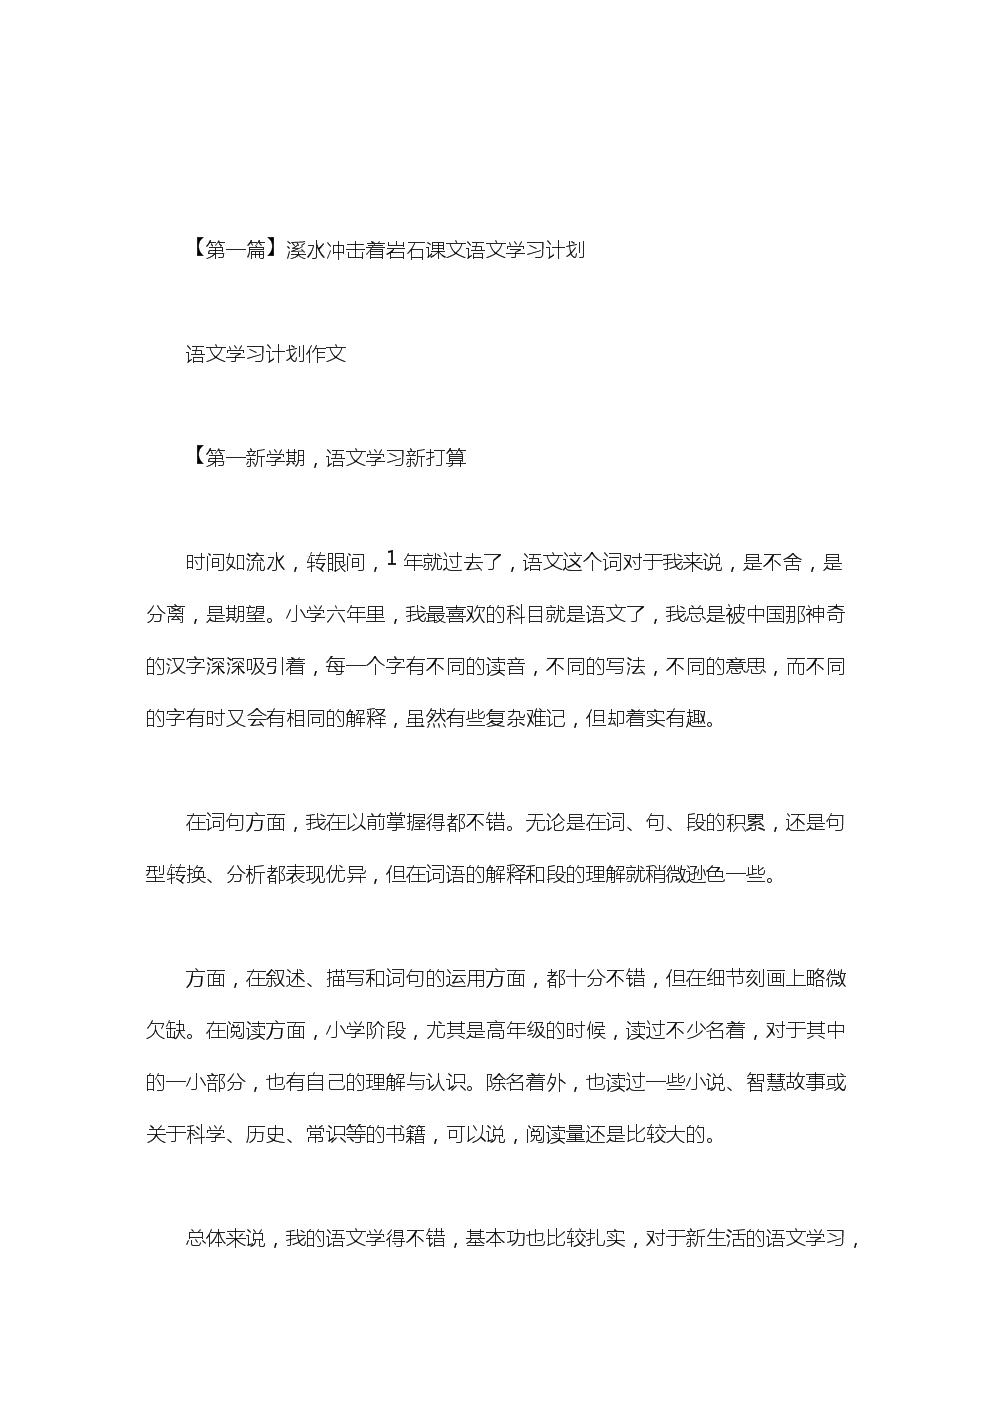 溪水冲击着岩石课文.doc